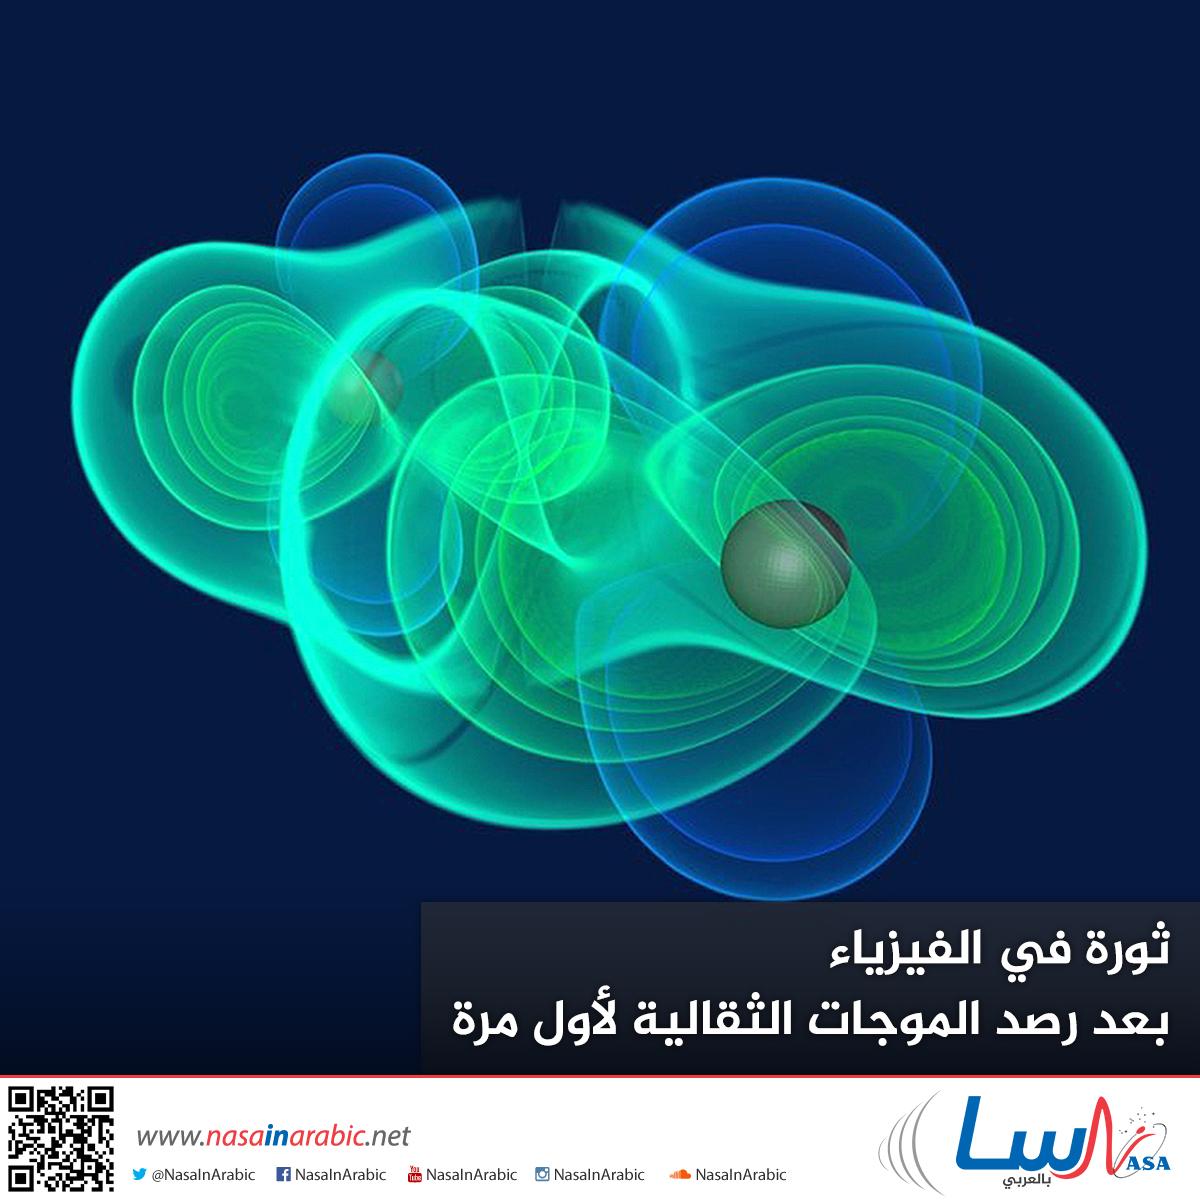 اكتشاف الأمواج الثقالية يطلق ثورة جديدة في الفيزياء!